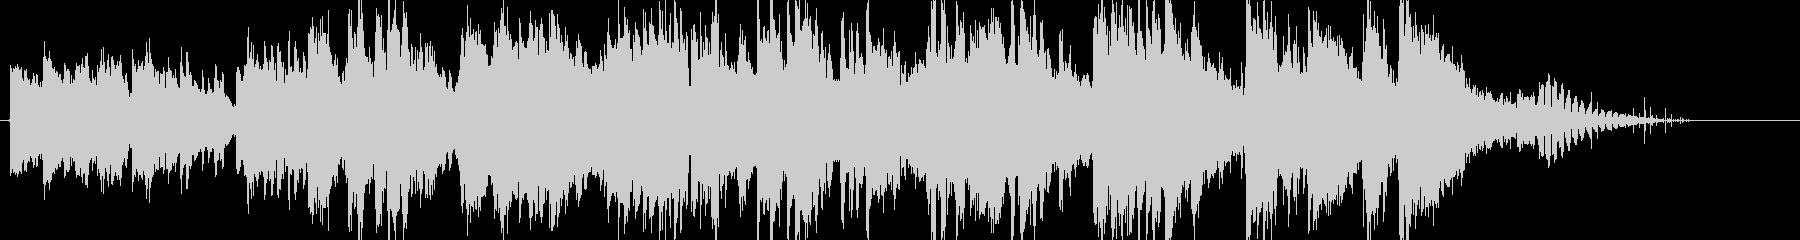 A.L.O.H.A 02の未再生の波形